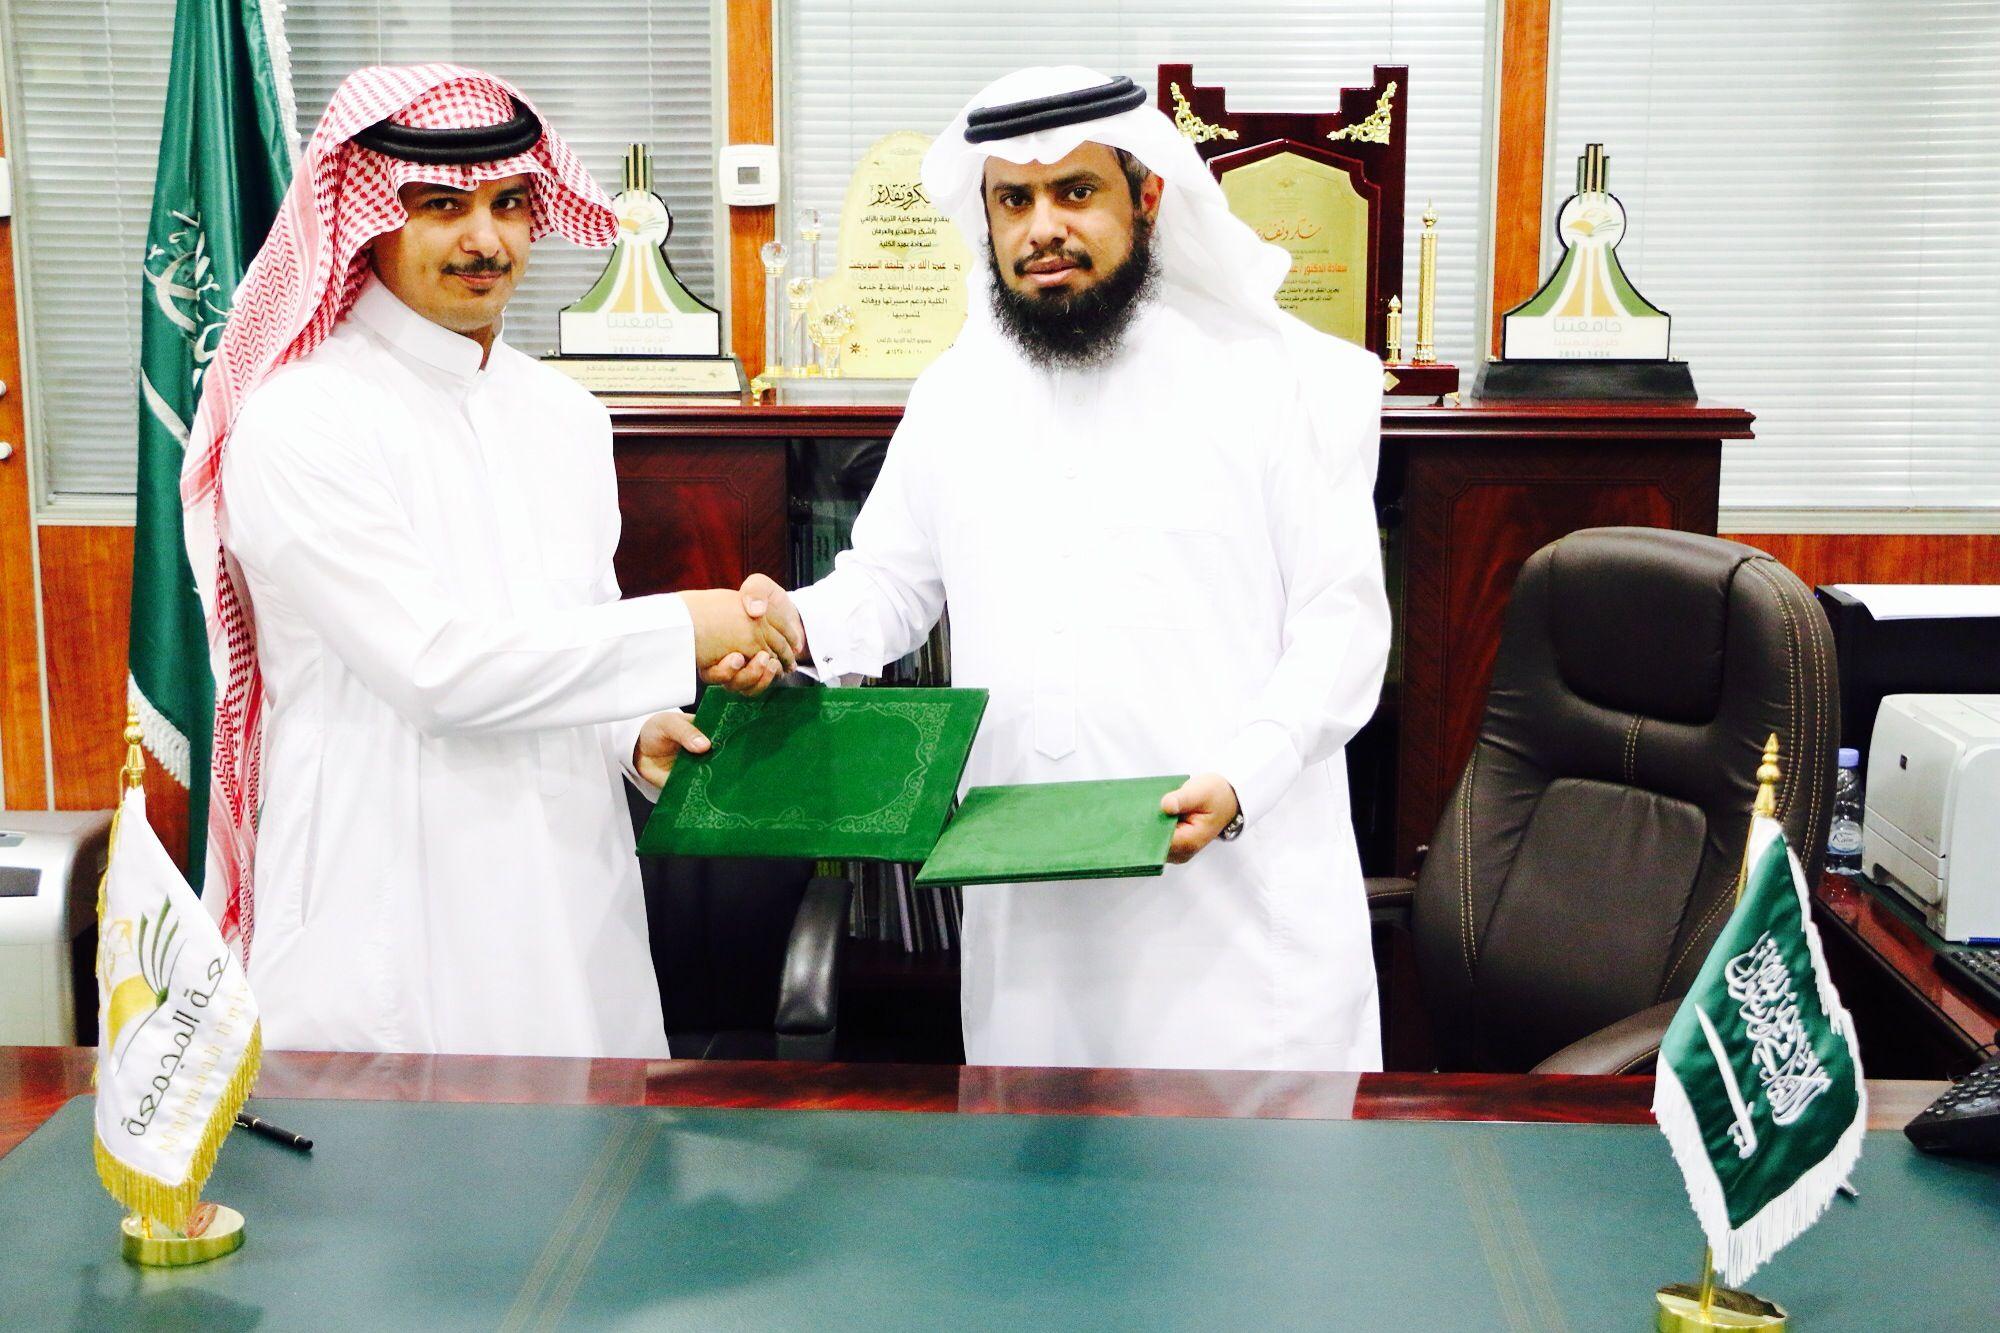 كلية التربية بالزلفي توقع مذكرة تفاهم مع معهد «ريادة» الأعمال الوطني بالزلفي | جامعة المجمعة | Majmaah University